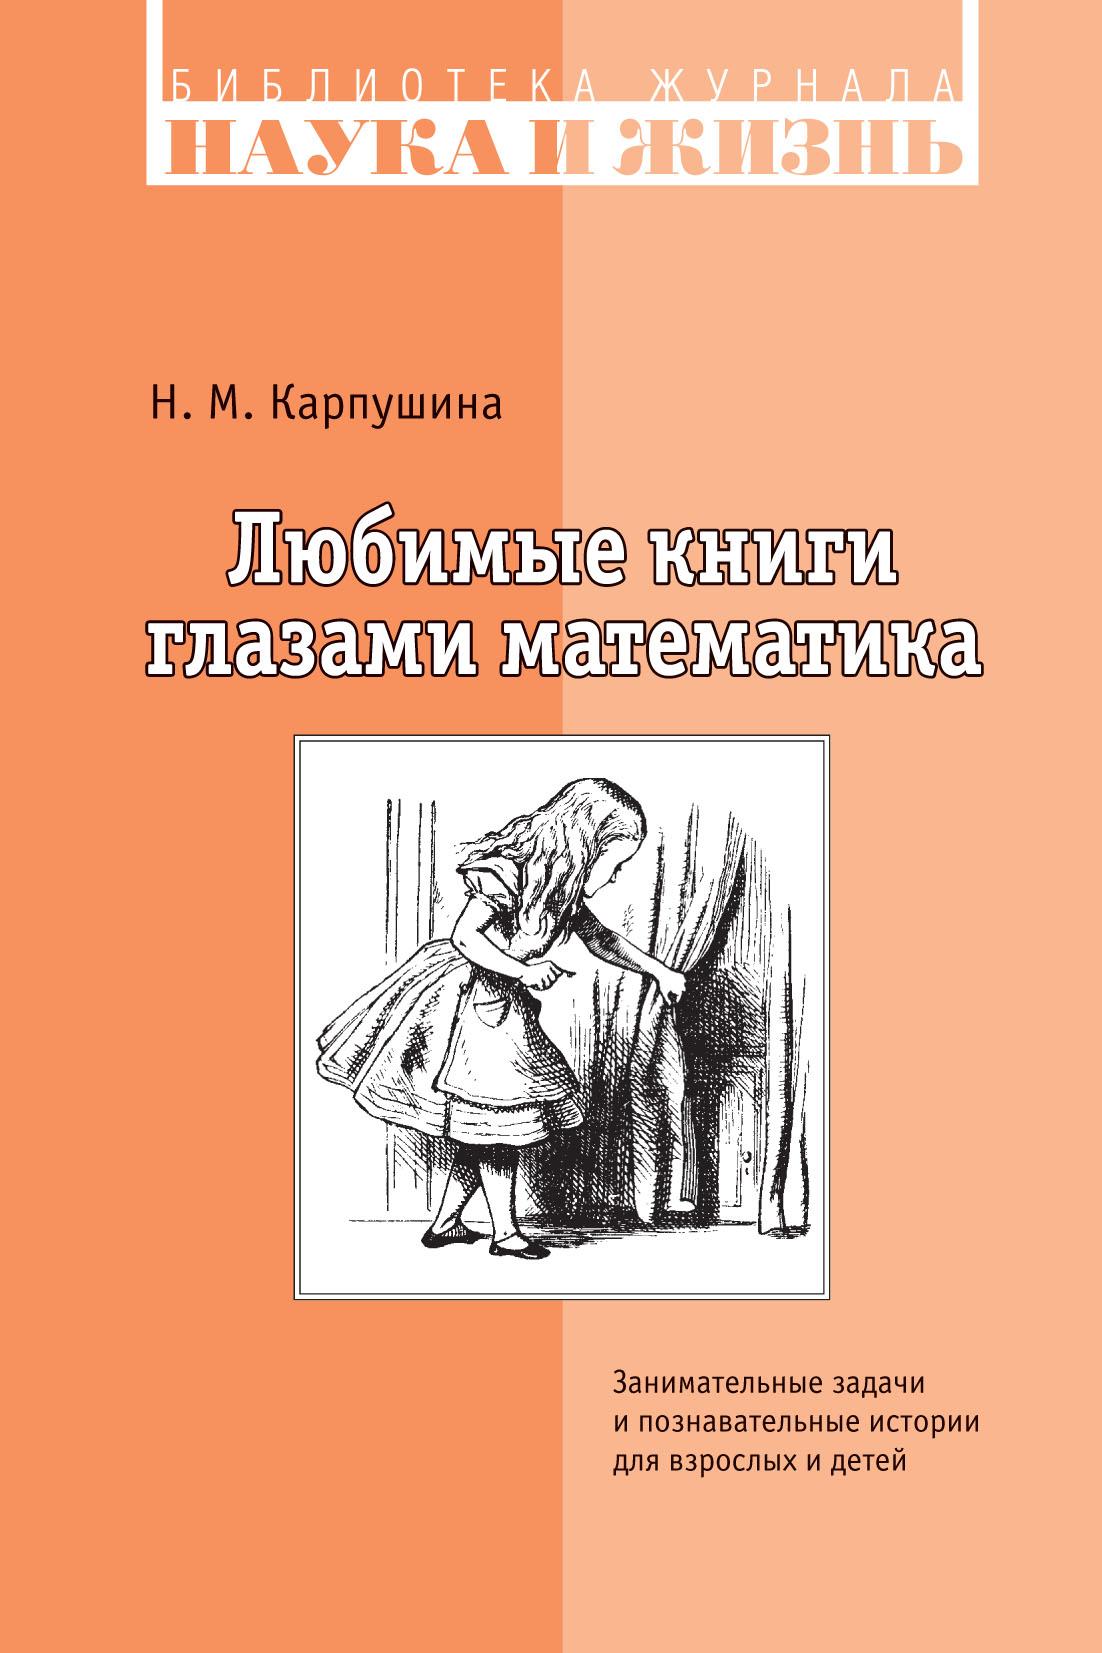 Любимые книги глазами математика. Занимательные задачи и познавательные истории для взрослых и детей